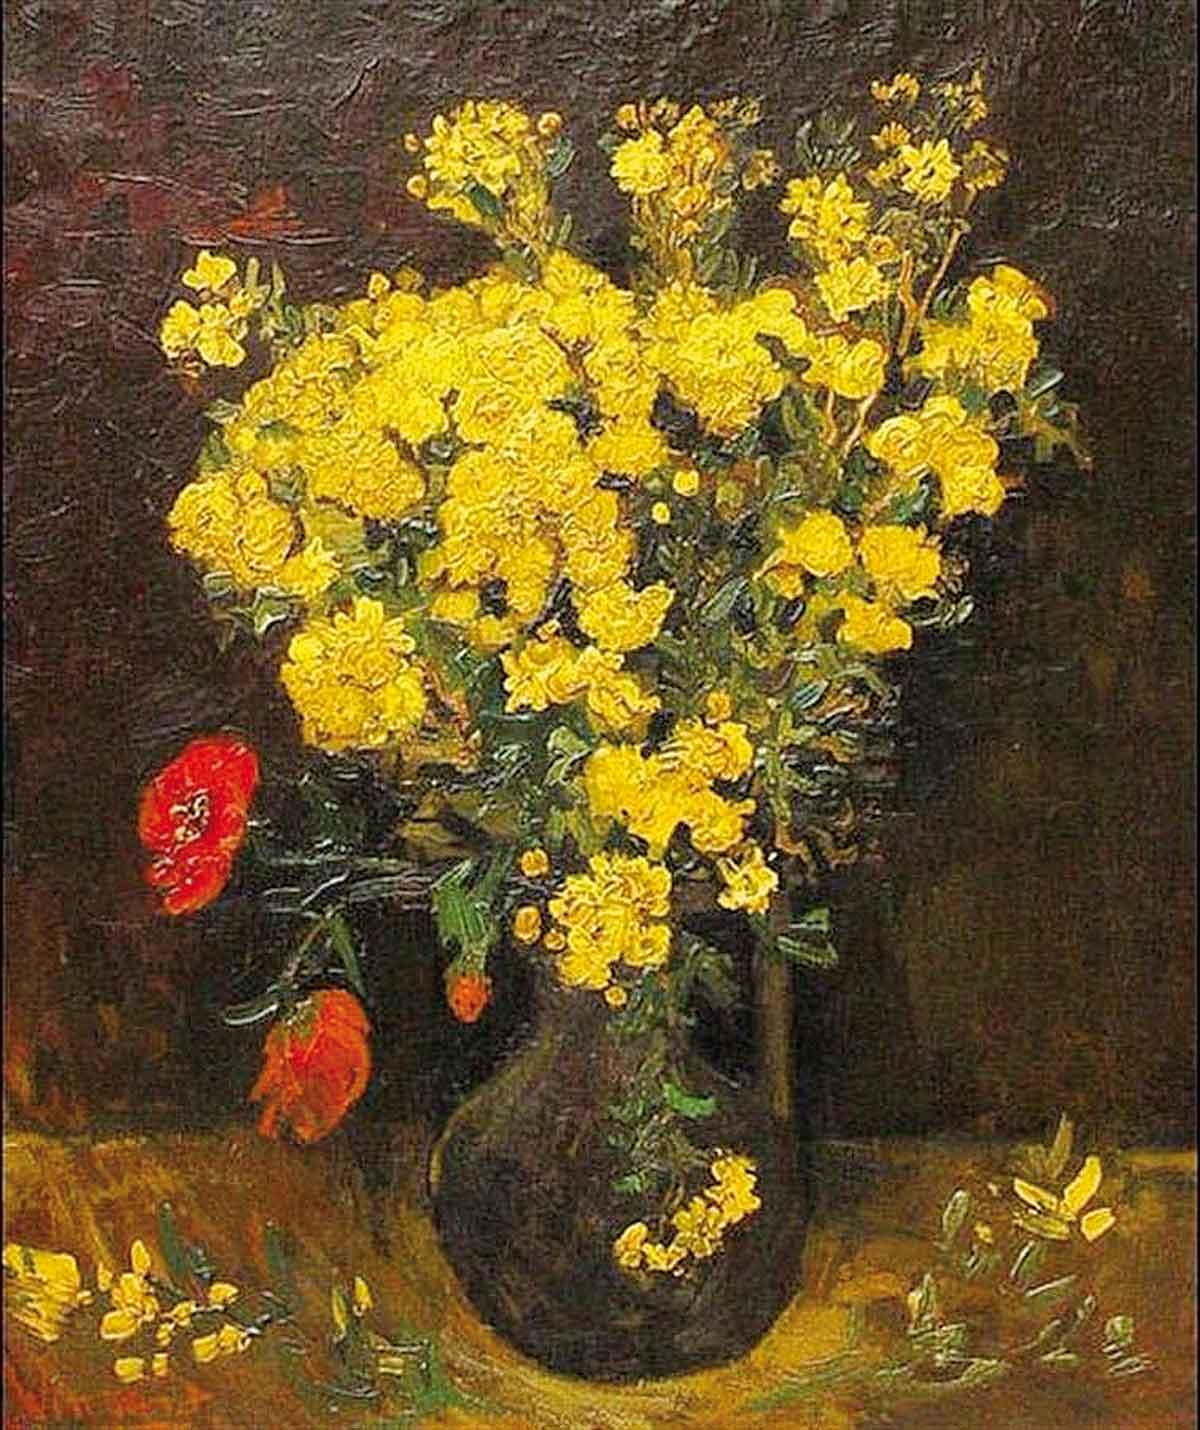 Gestohlenes Gemälde von Van Gogh: Vase mit Pechnelken (1887)